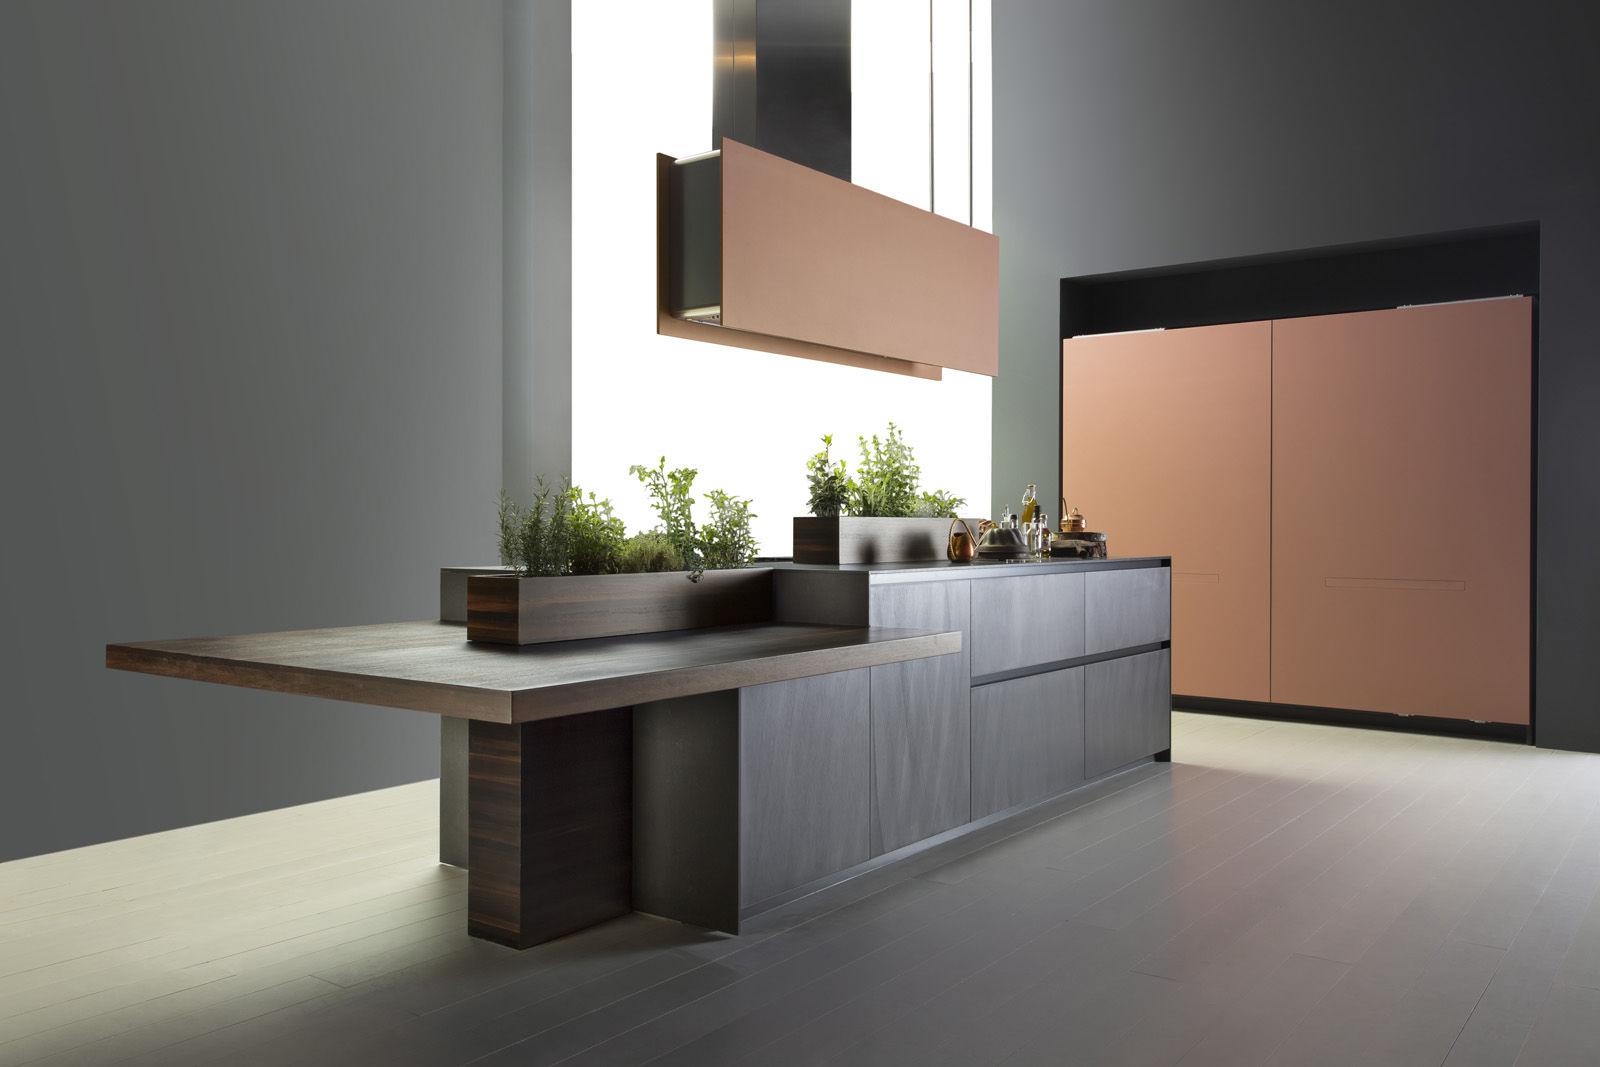 Moderne küche aluminium holz kochinsel alumina by marconato zappa